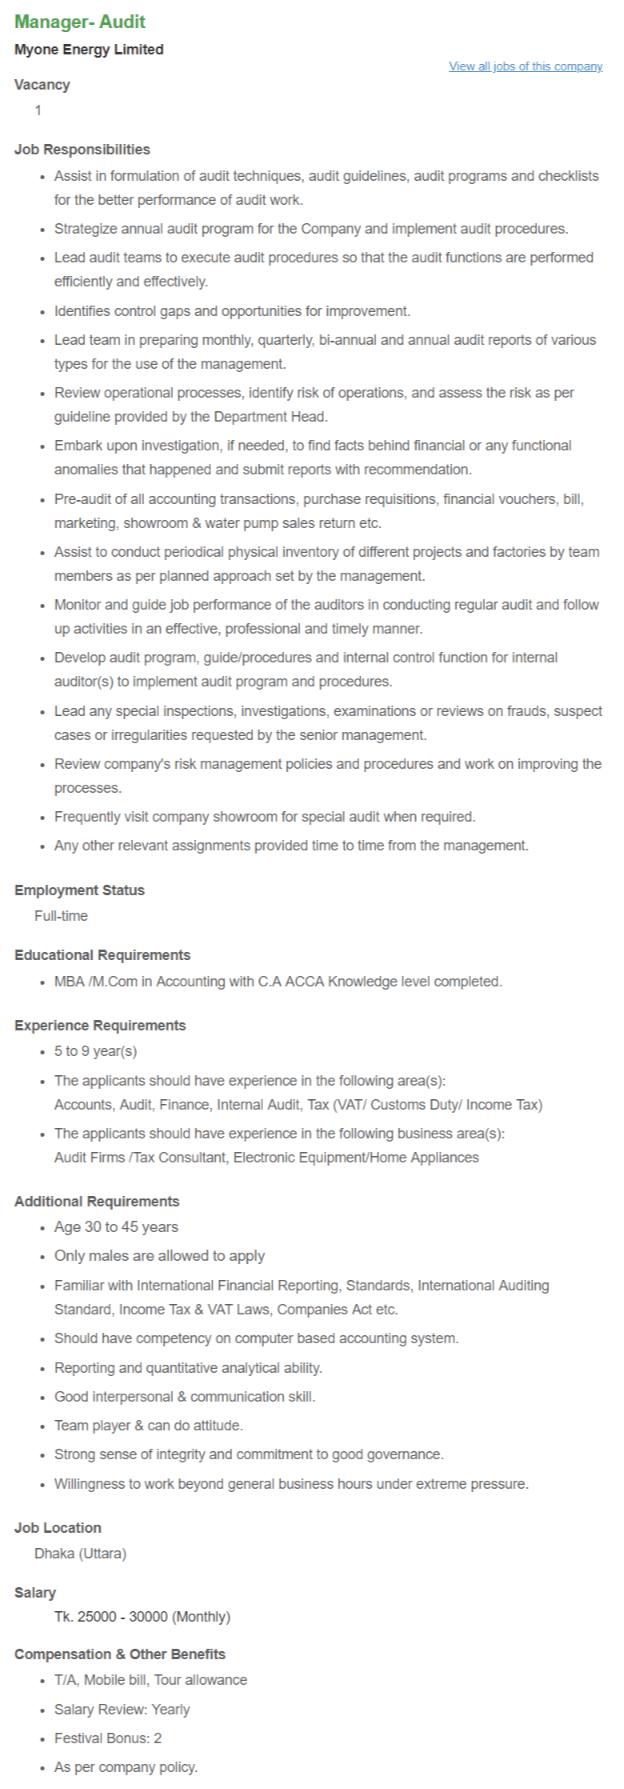 MyOne Energy ltd job circular